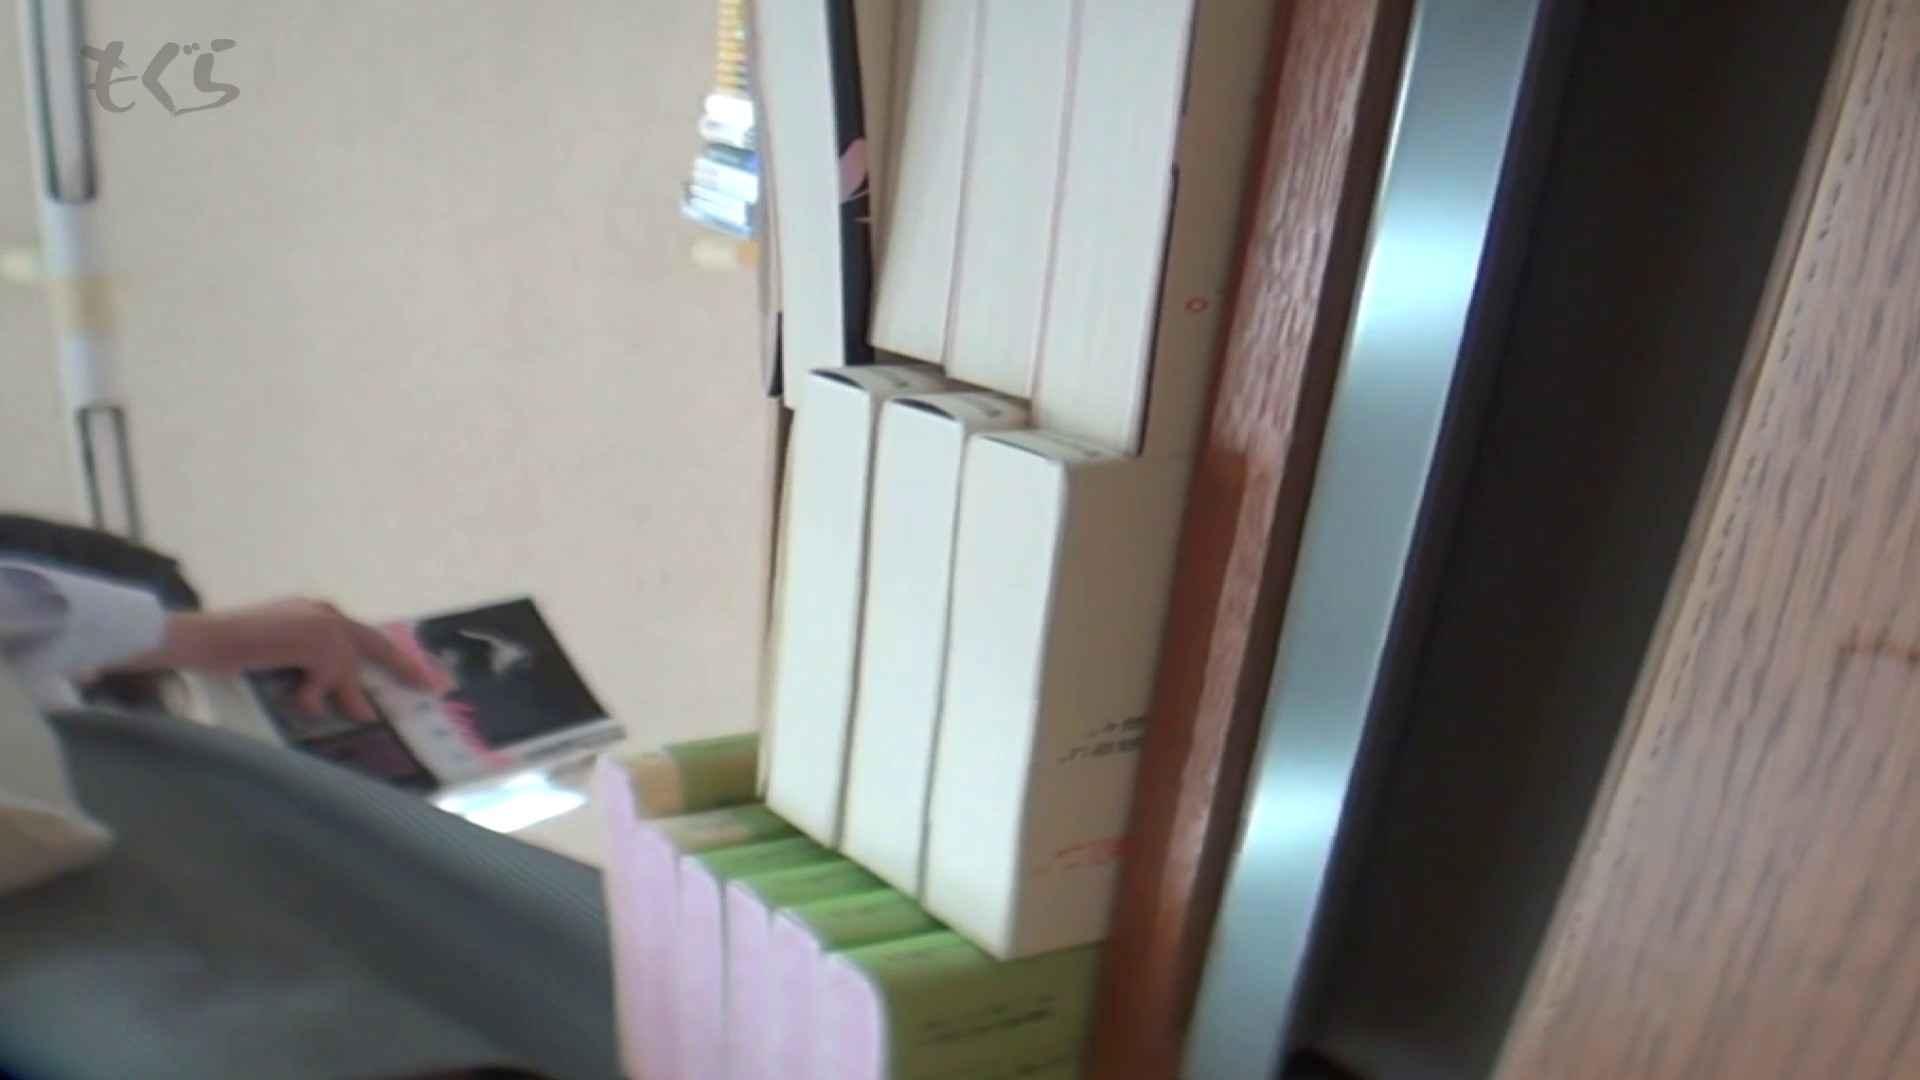 隣から【期間限定品】No.02 文庫女子はやはり白パン!! ギャル達 オマンコ無修正動画無料 96枚 74